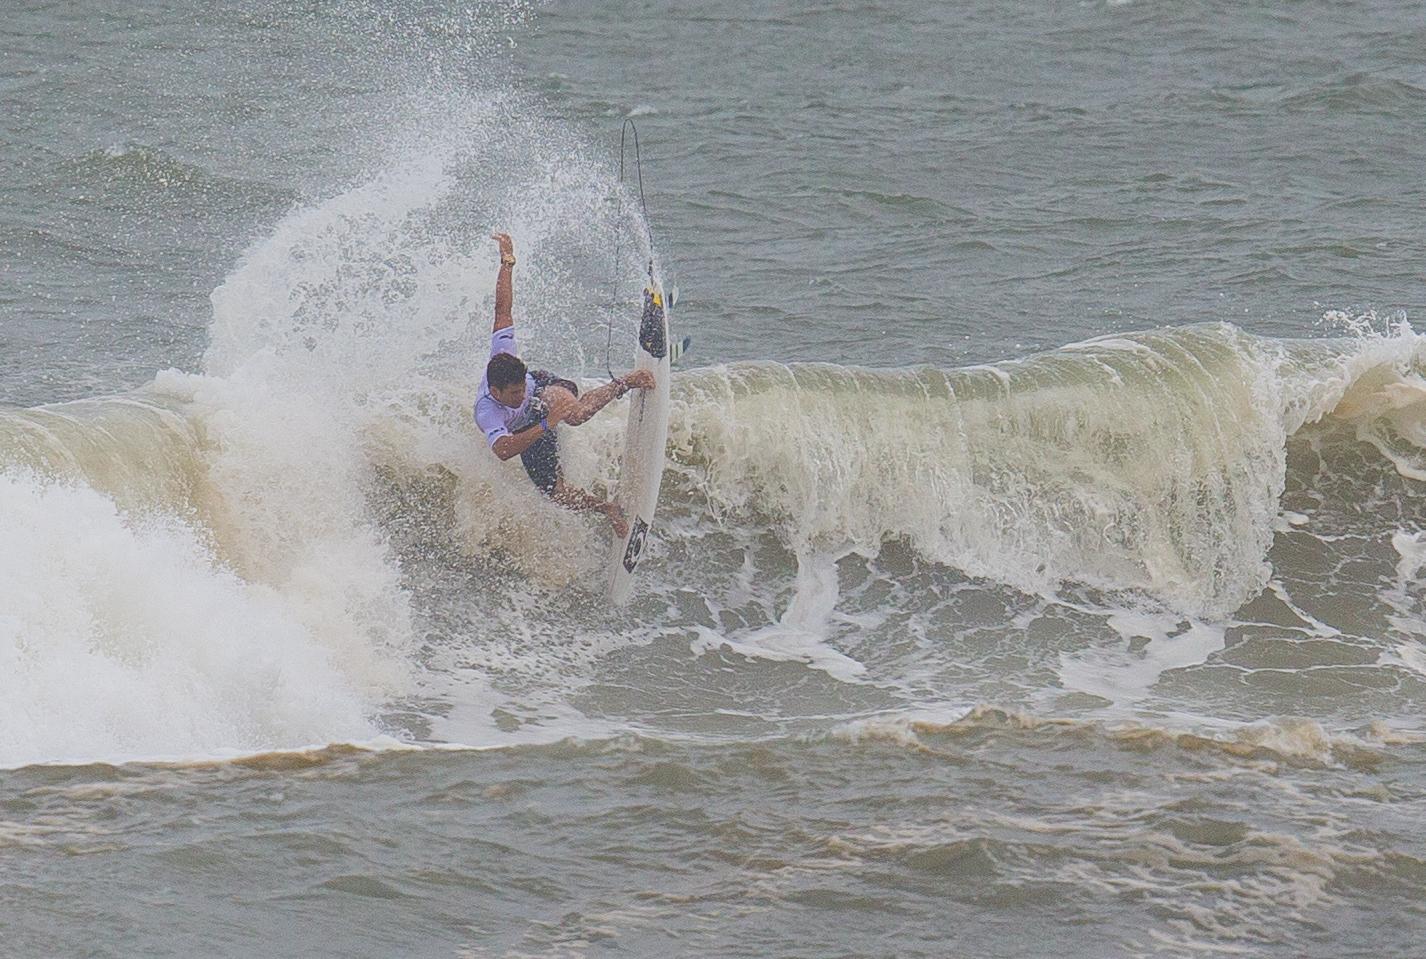 Campeão Brasileiro de Surfe celebra entrada na elite do surfe mundial